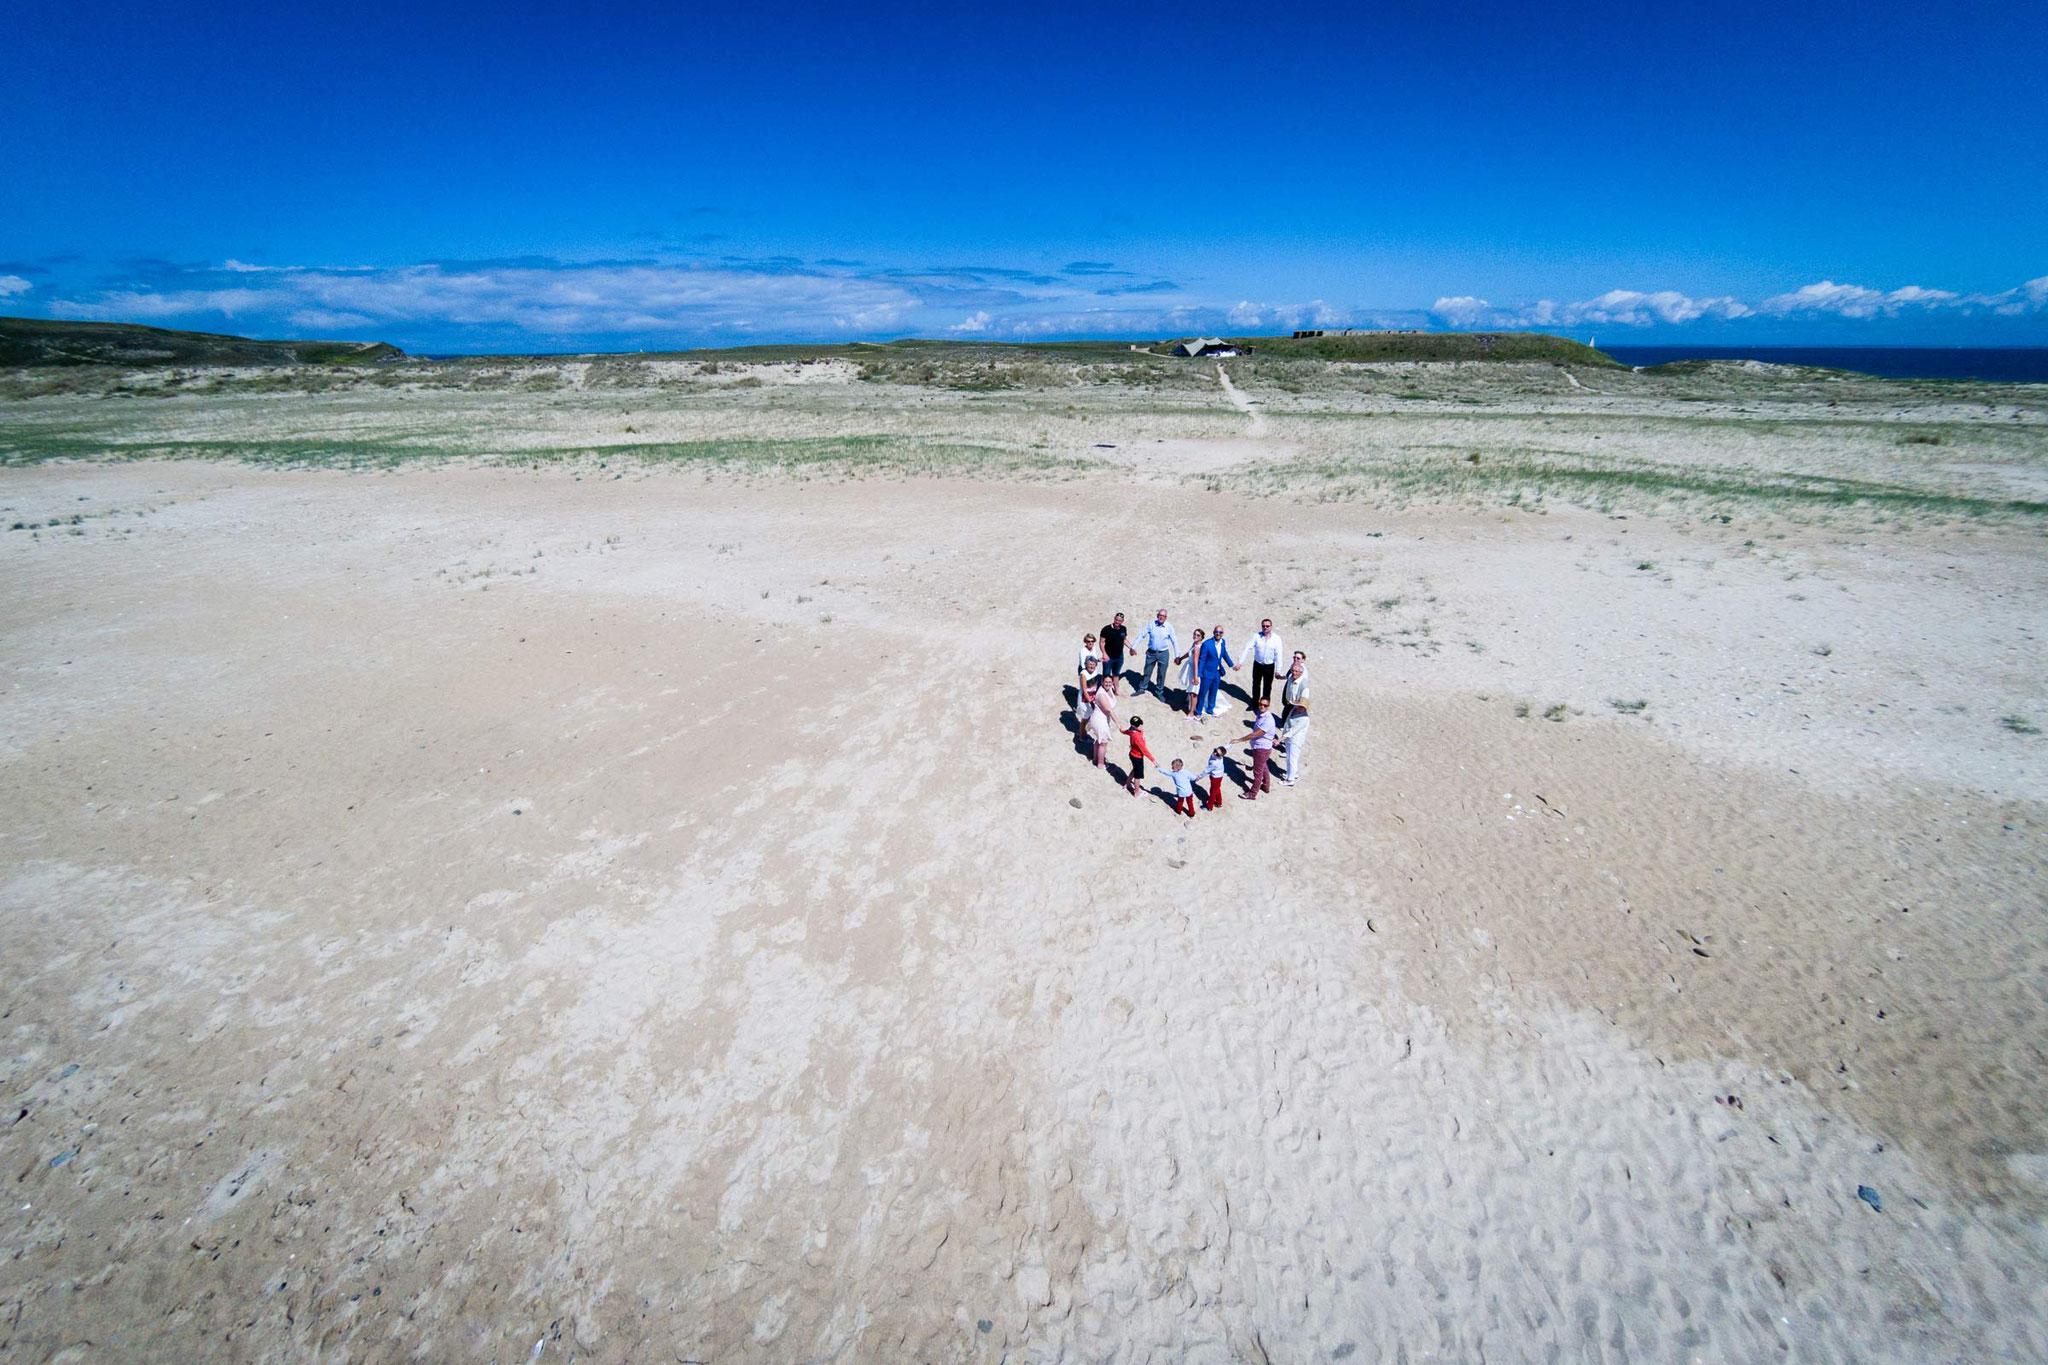 Des photographies de mariages qui sortent de l'ordinaire, Drone photo aérienne